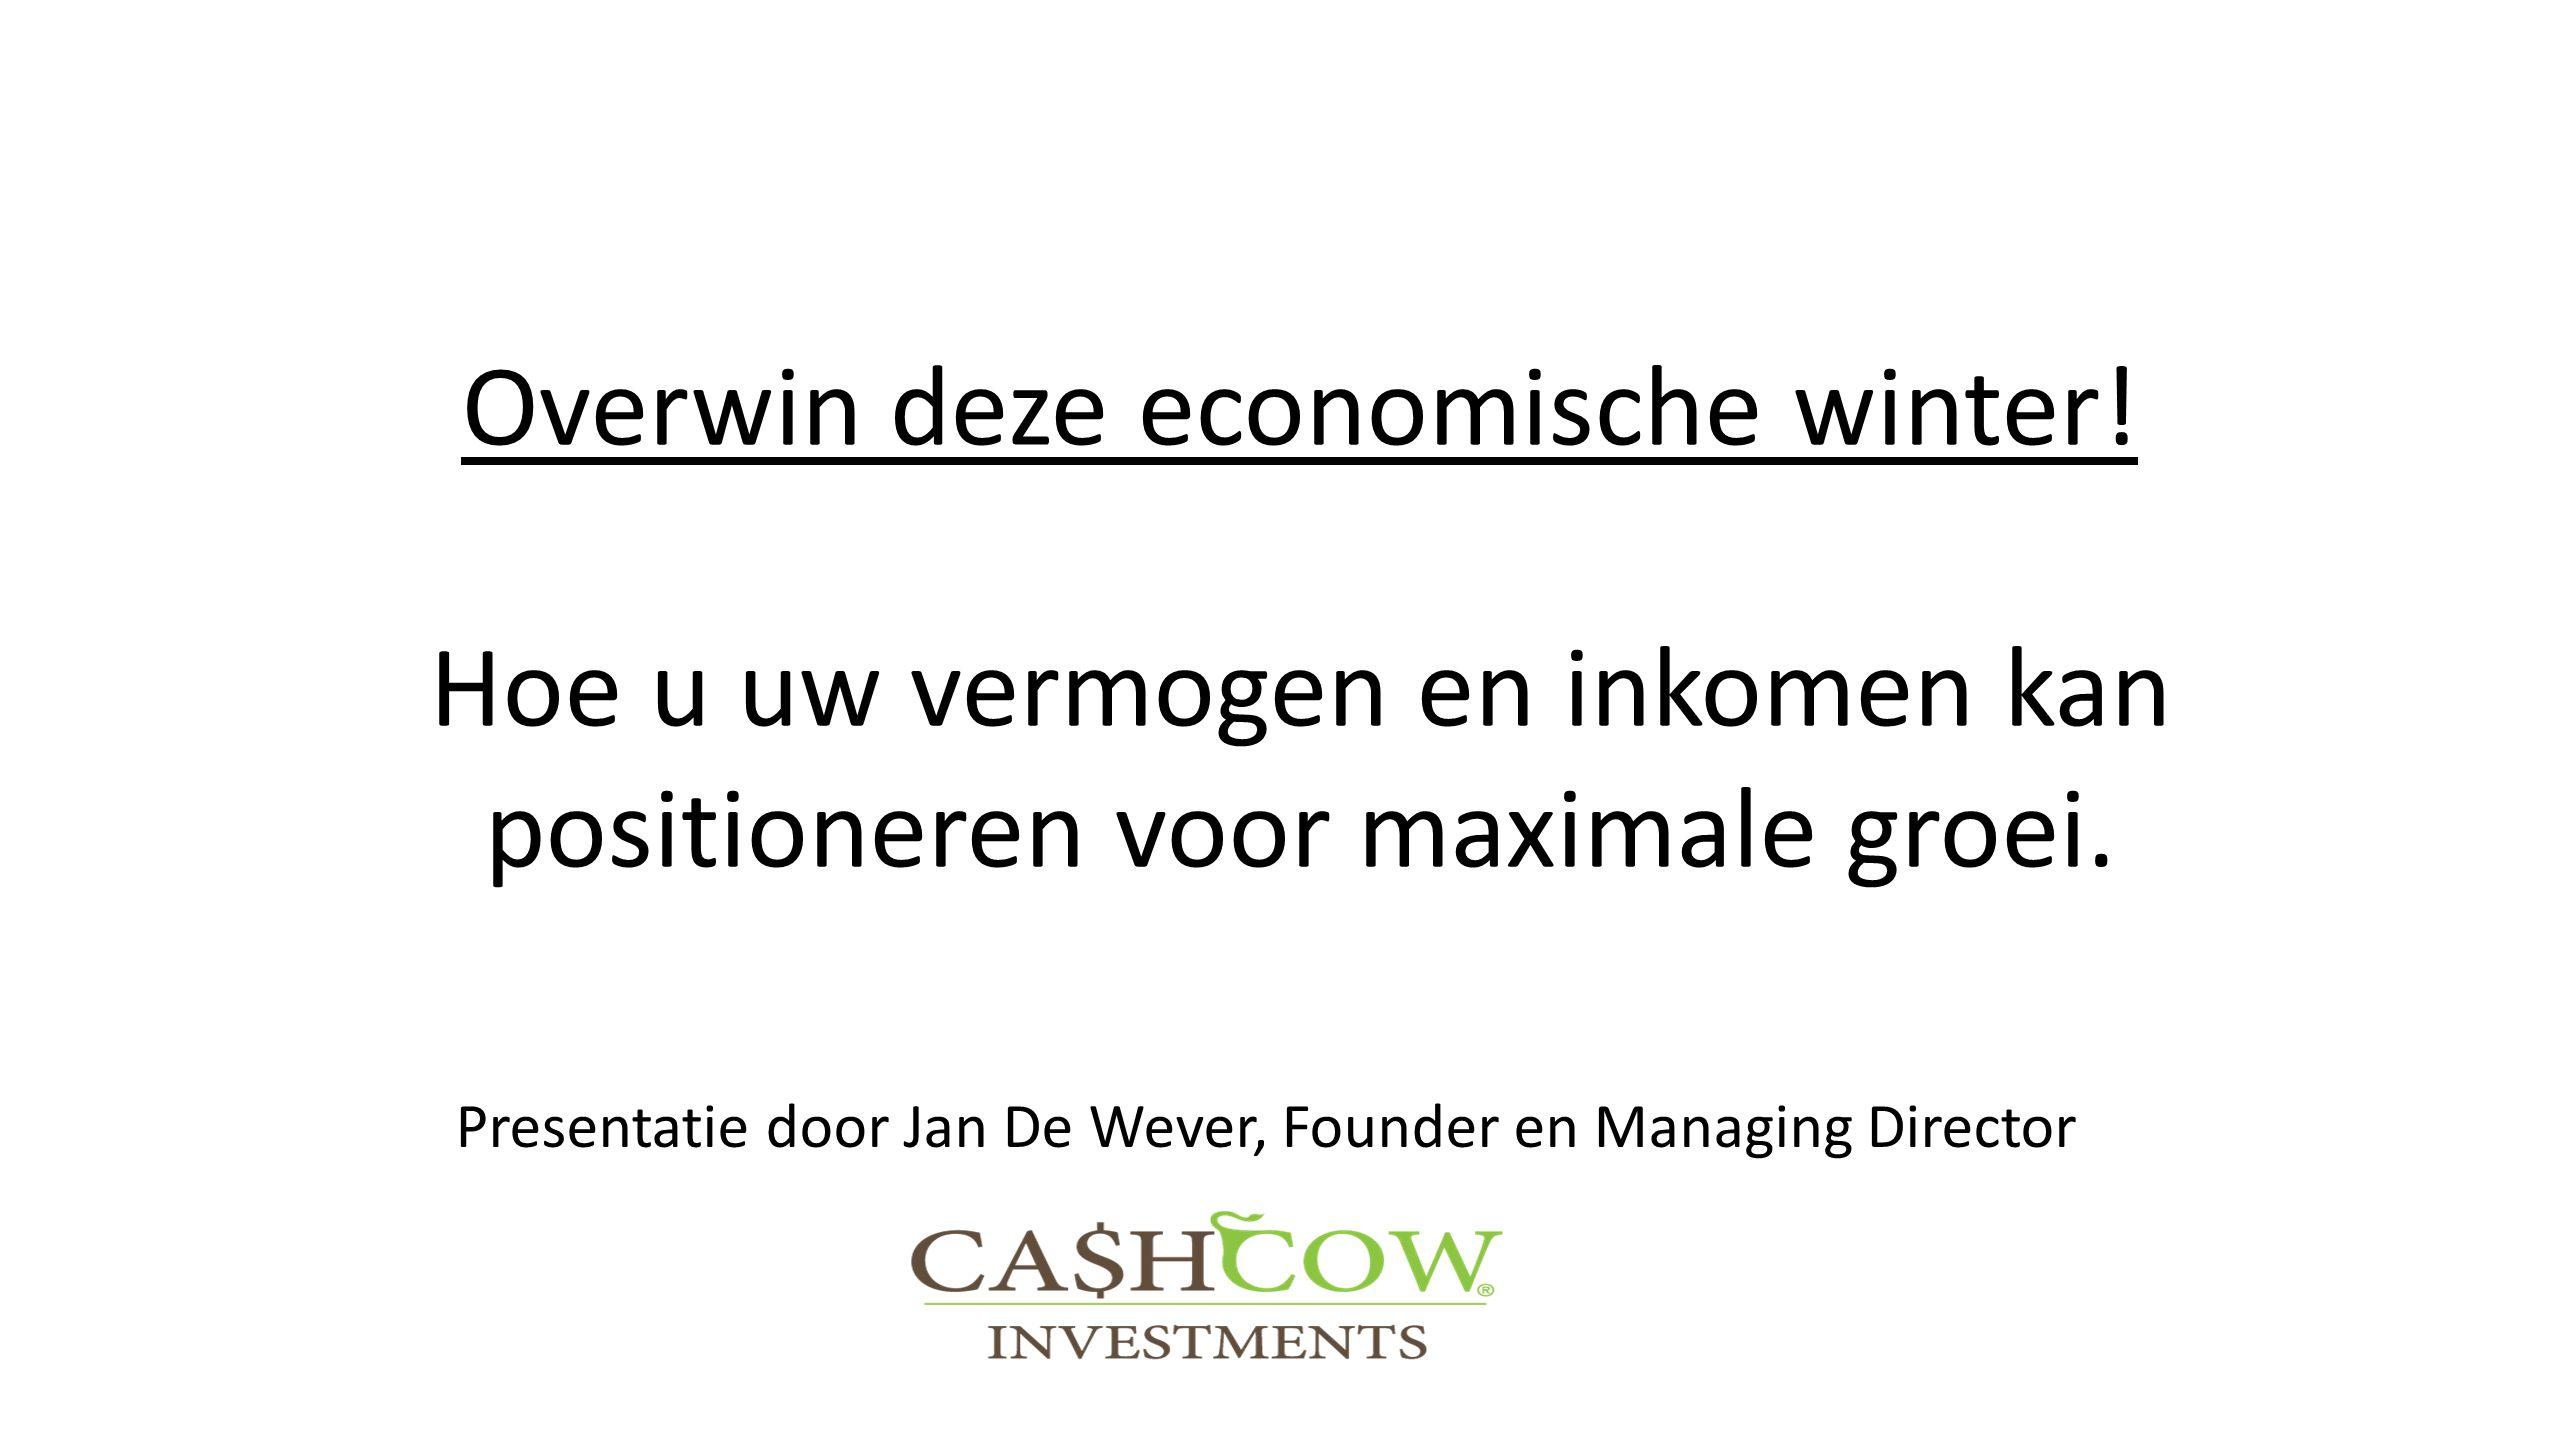 Overwin deze economische winter. Hoe u uw vermogen en inkomen kan positioneren voor maximale groei.